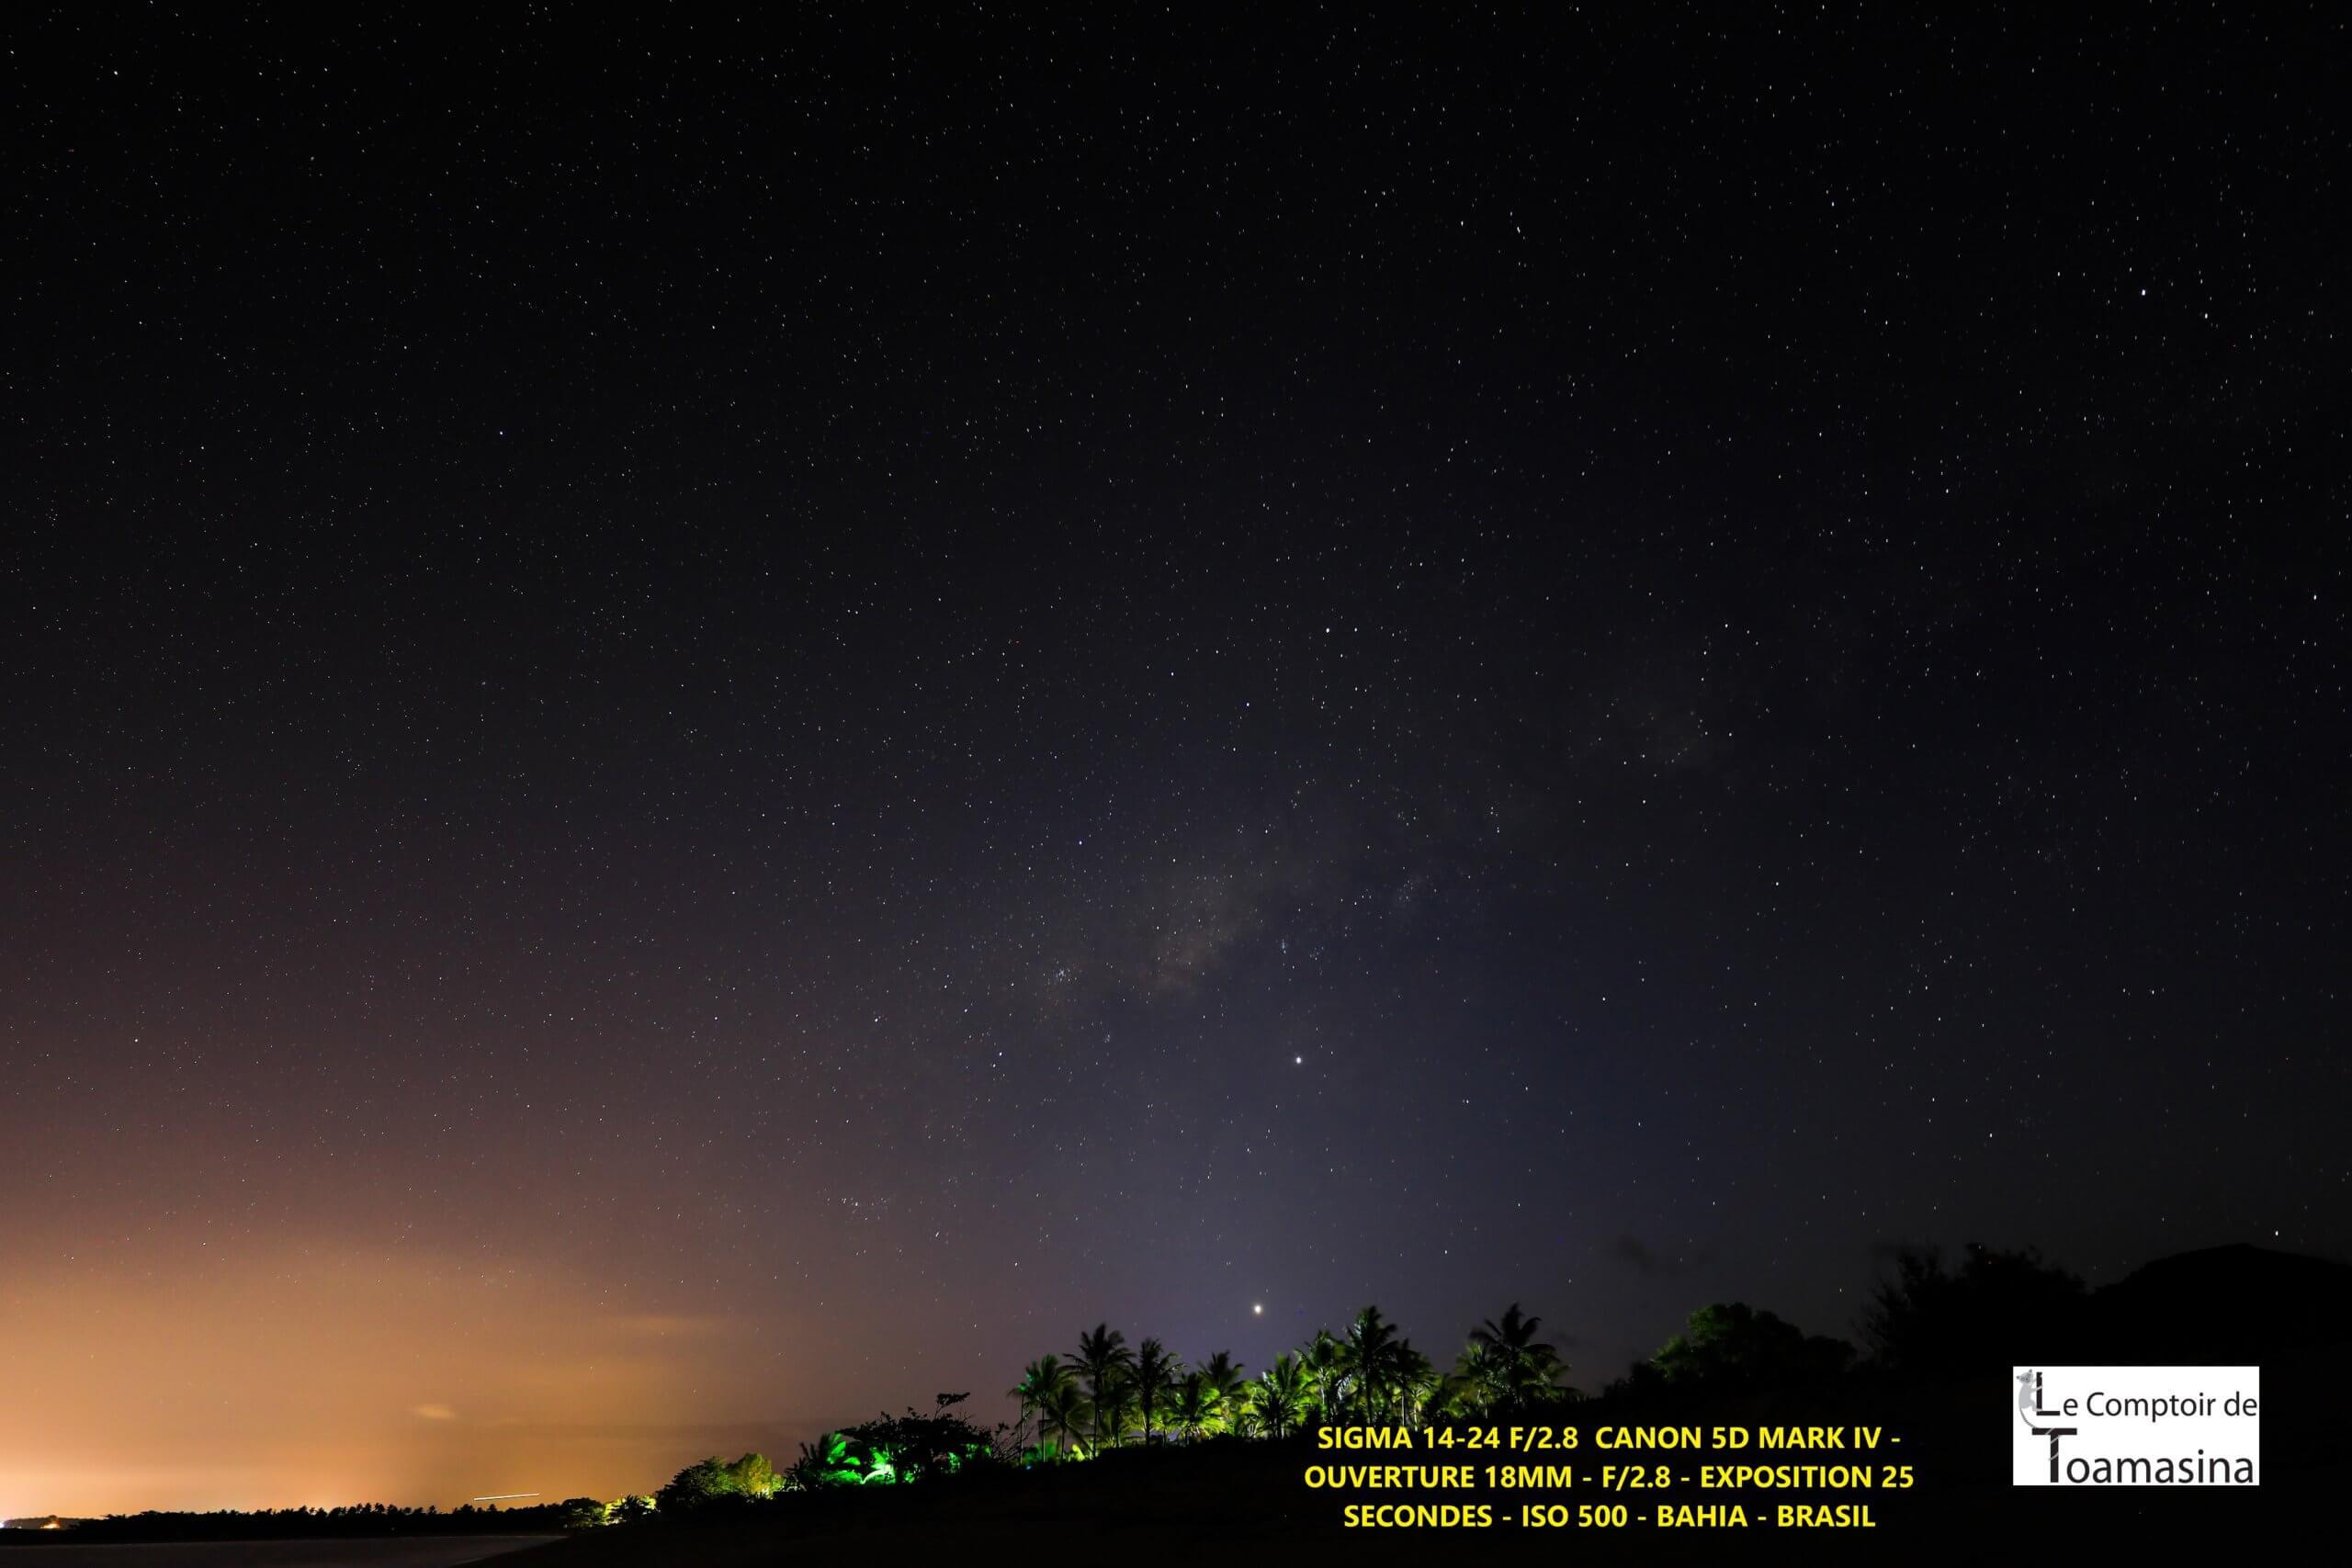 Photo de nuit avec le sigma 14-24 f2.8 + canon 5d mark 4